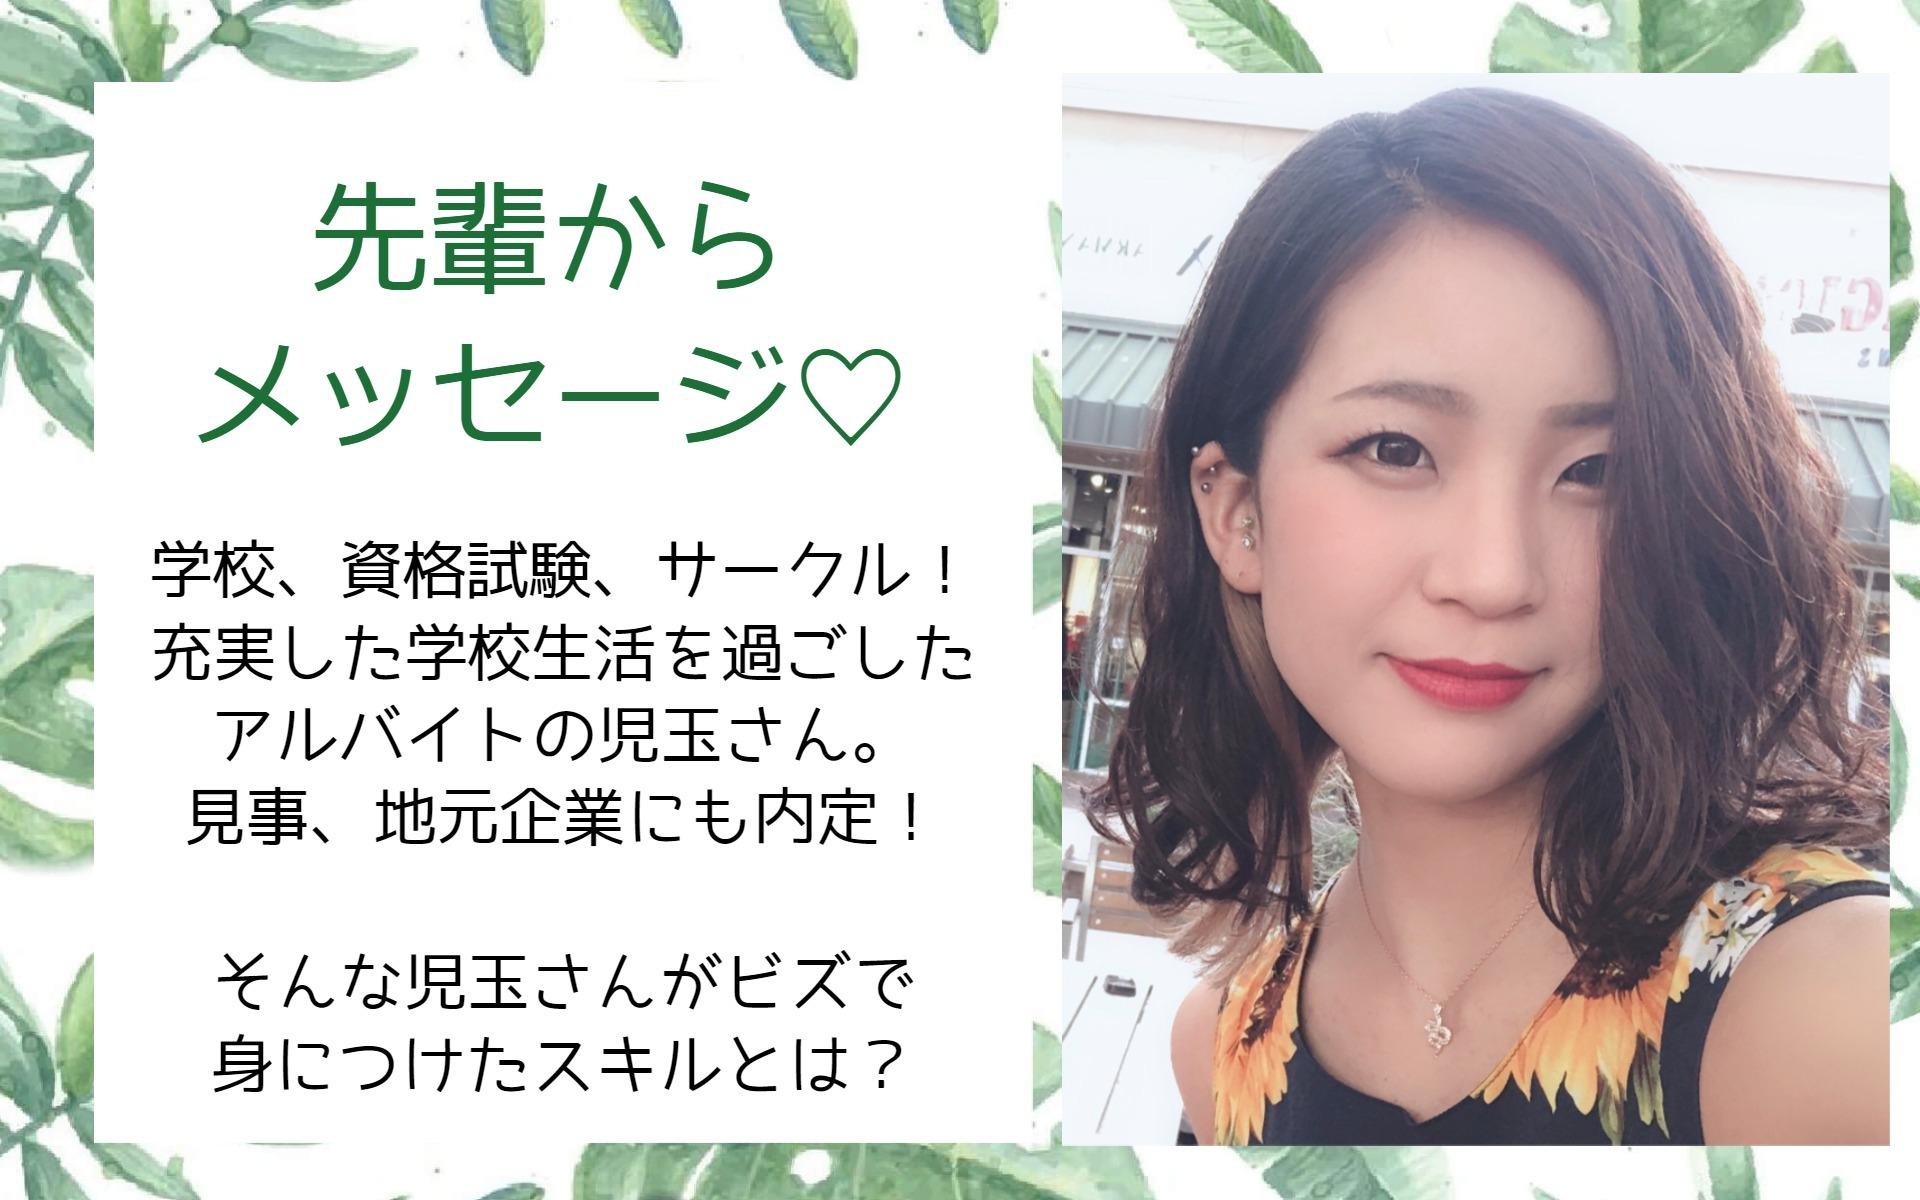 ビズ・アシスト・ジャパン株式会社